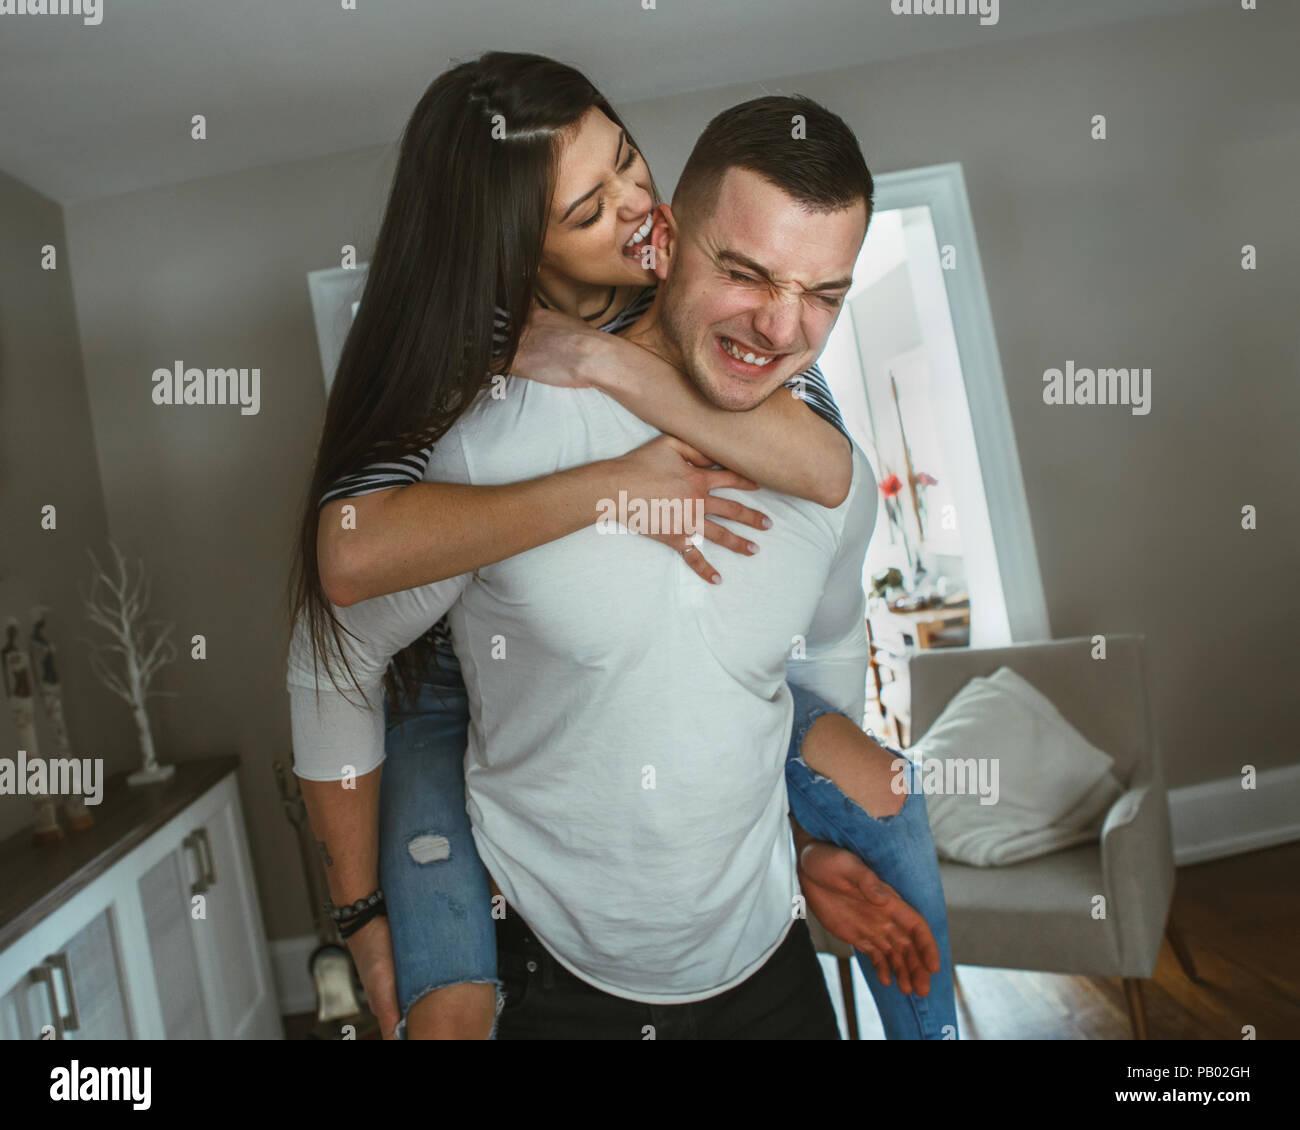 Portrait de jeune belle funny couple homme femme dans l'amour des caresses, des baisers, ferroutage, s'amusant à l'intérieur à la maison, avec des filtres. Photo Stock